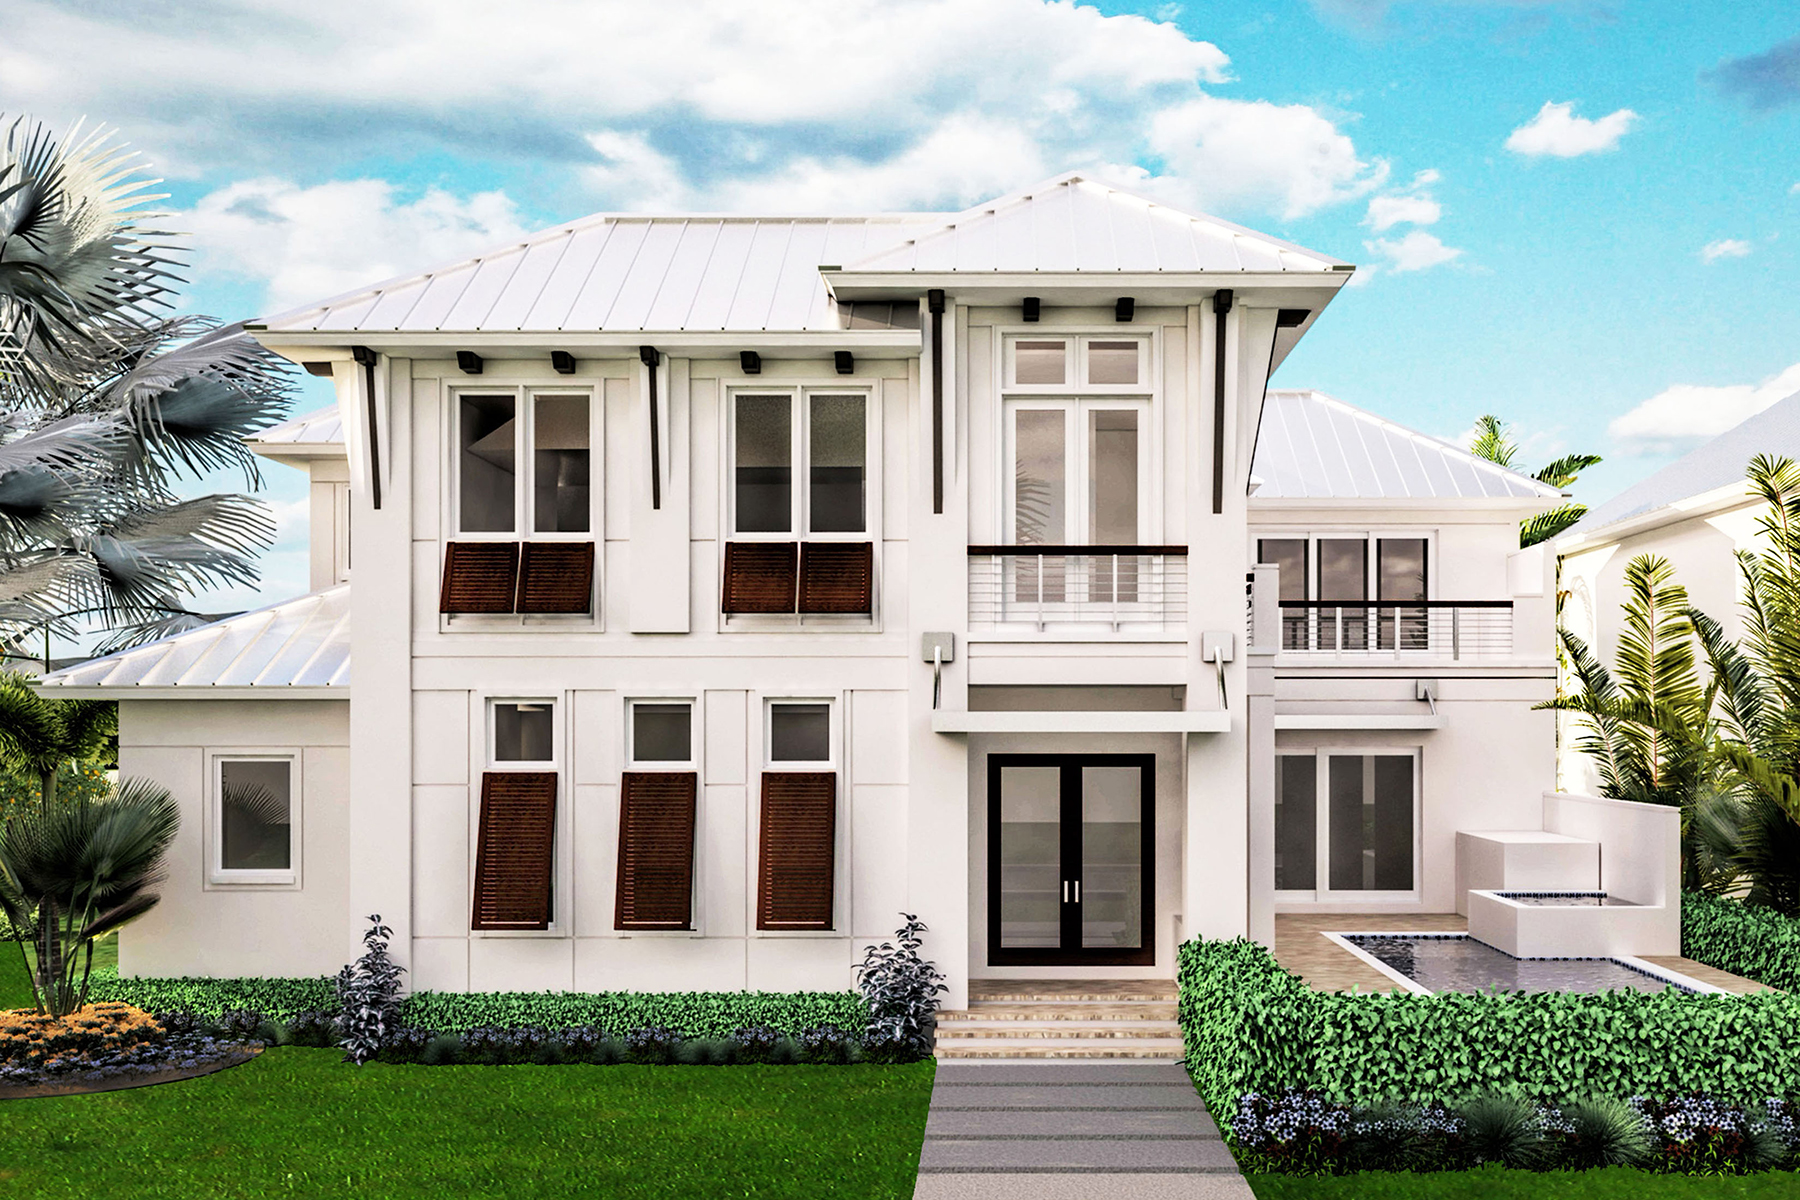 独户住宅 为 销售 在 OLDE NAPLES 675 2nd St S 那不勒斯, 佛罗里达州, 34102 美国